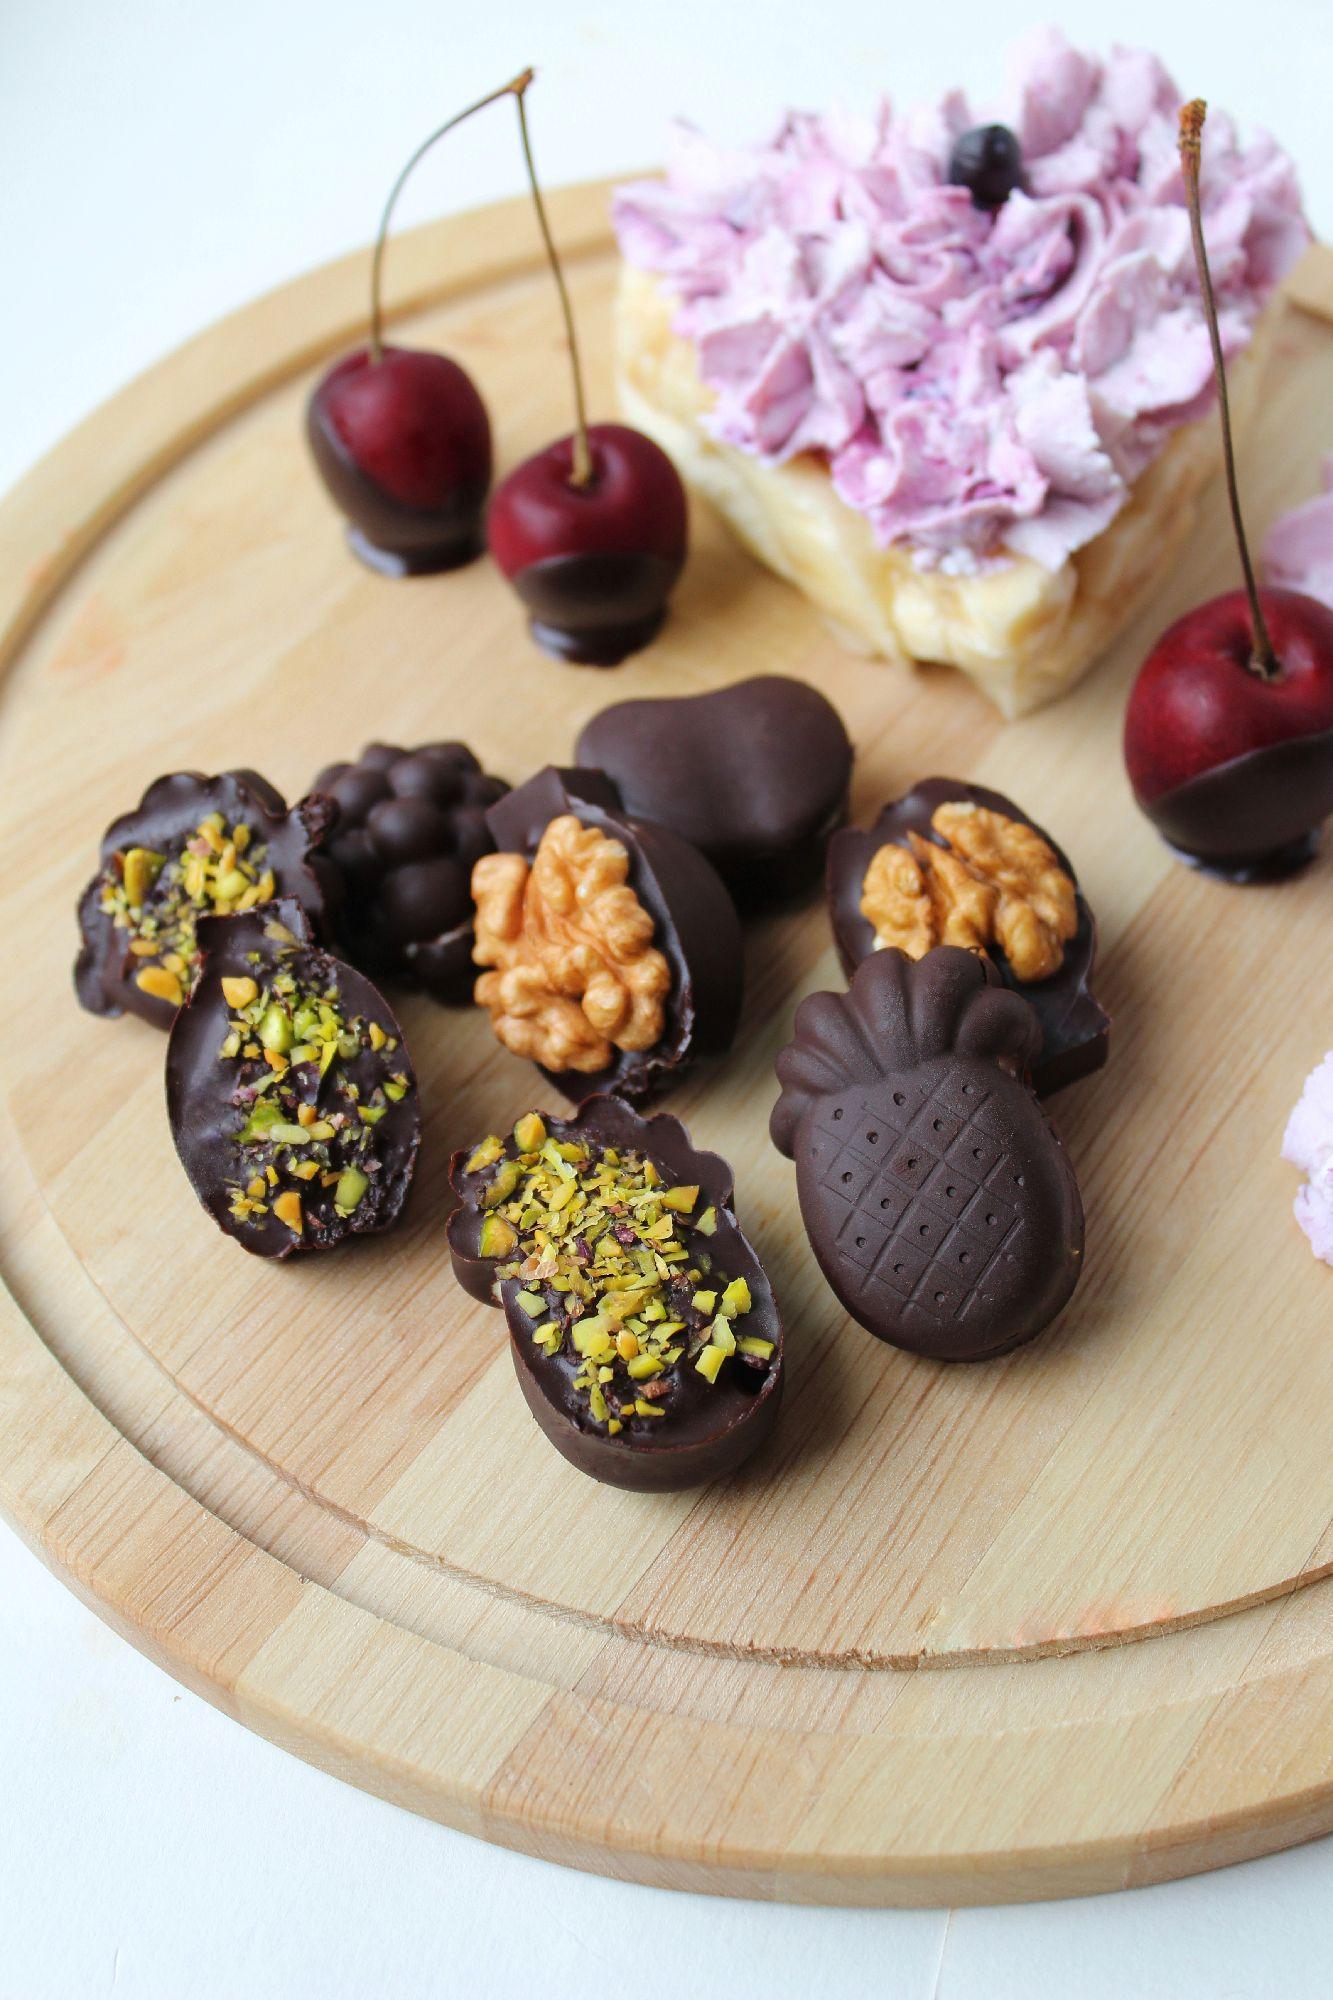 Кокосовое масло имеет низкую температуростойскость, так что ешьте их незамедлительно, потому что они тают не только во рту, но и в теплых руках.Полезное летнее угощение #вкусныйавгуст, #конфеты, #шоколад, #десерт, #орехи, #лето, #ягоды, #полезноепитание